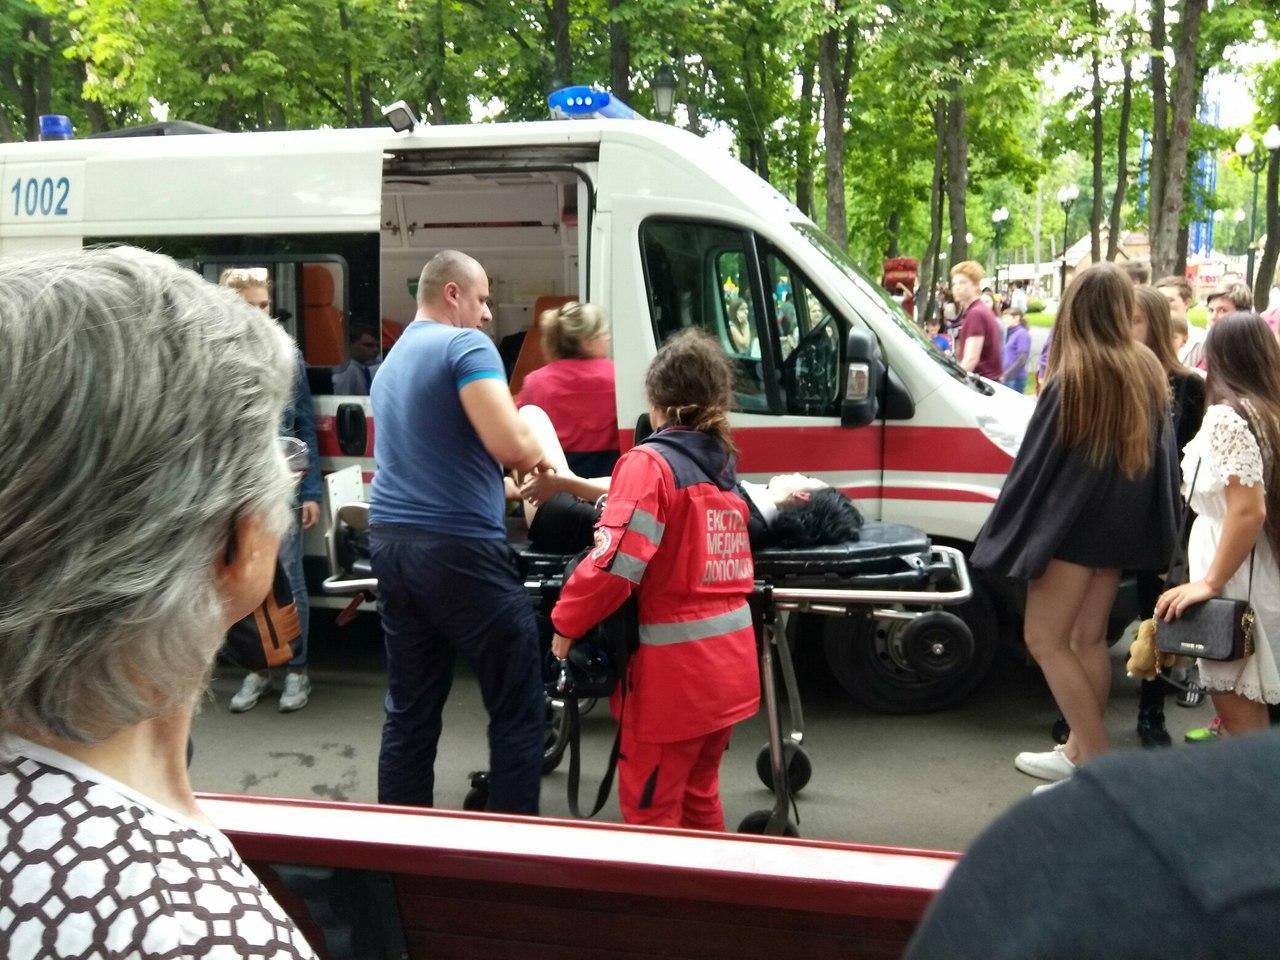 Выпускники харьковских школ неприятно удивили посетителей центрального парка